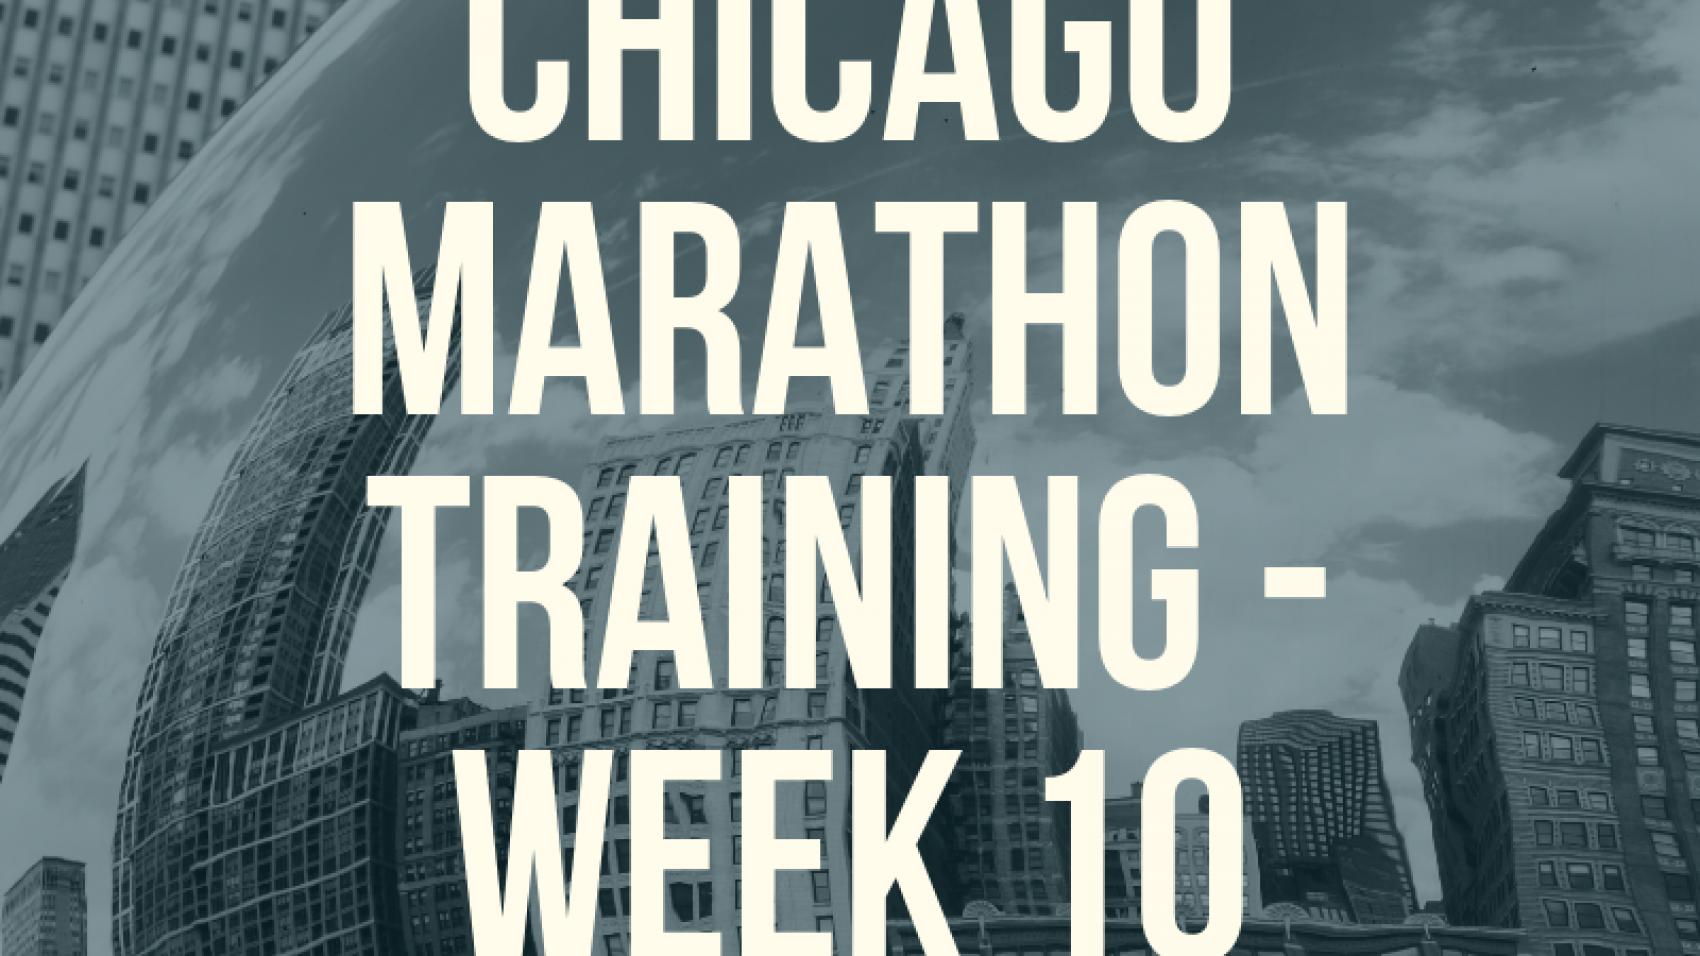 Chi Marathon Week 10